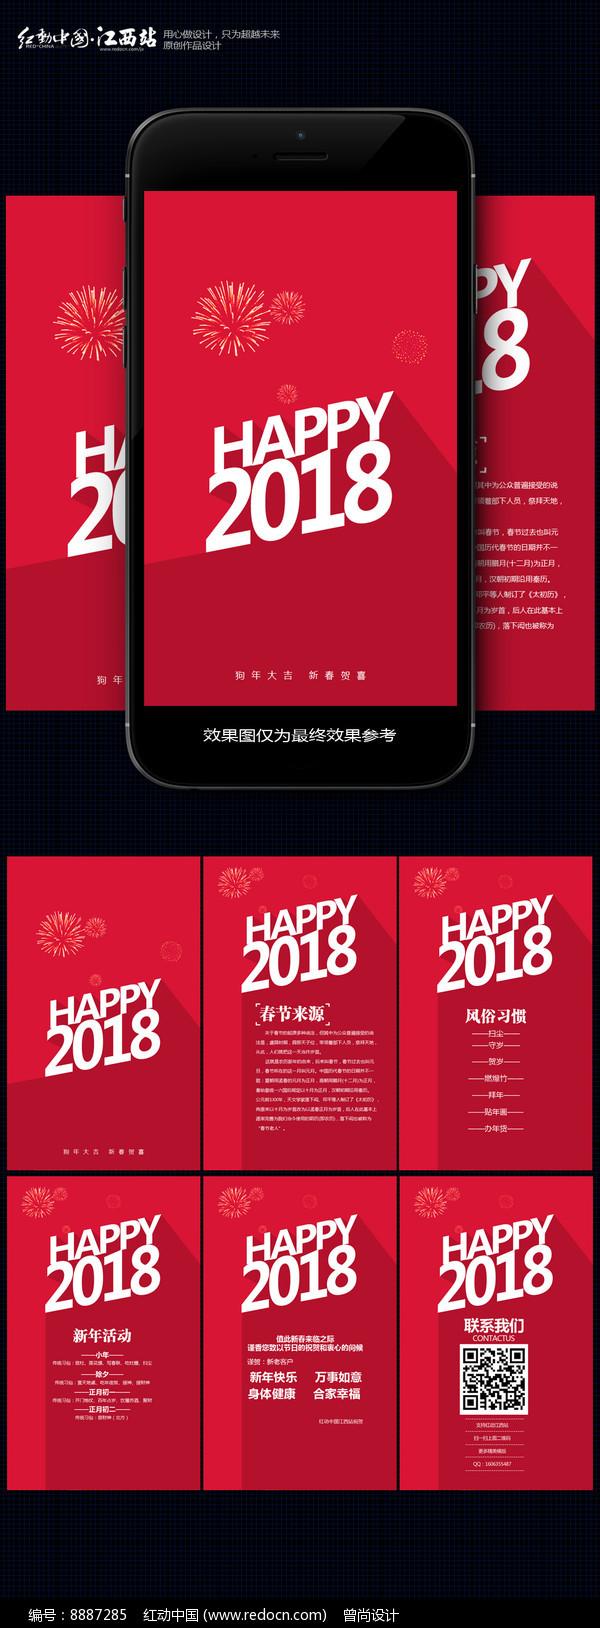 简约2018狗年H5贺卡模版图片